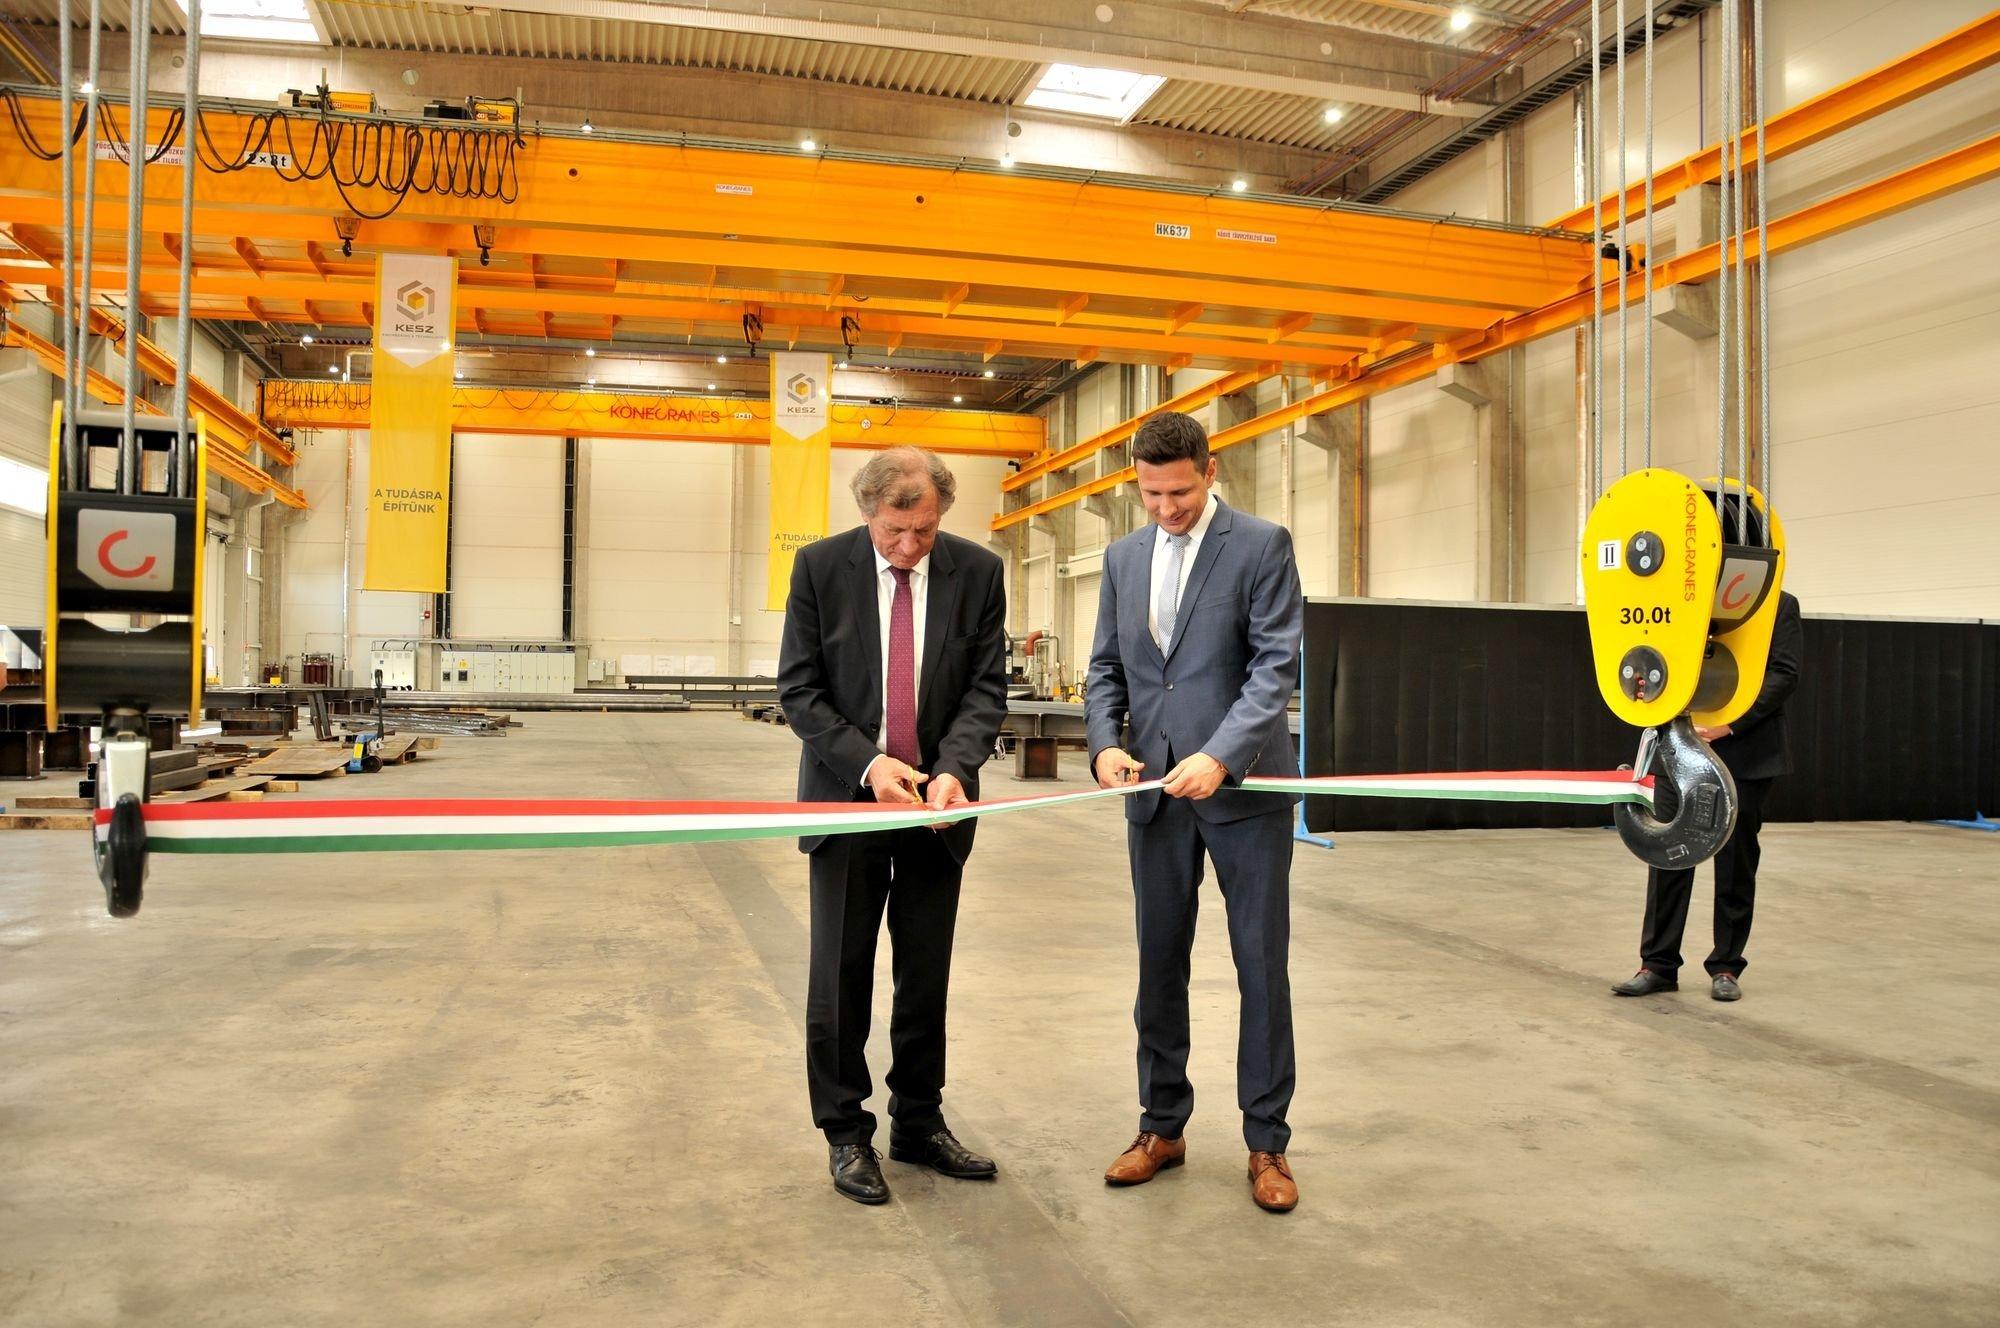 Új hegesztő-gyártócsarnokkal bővült a kecskeméti acélszerkezet-gyár